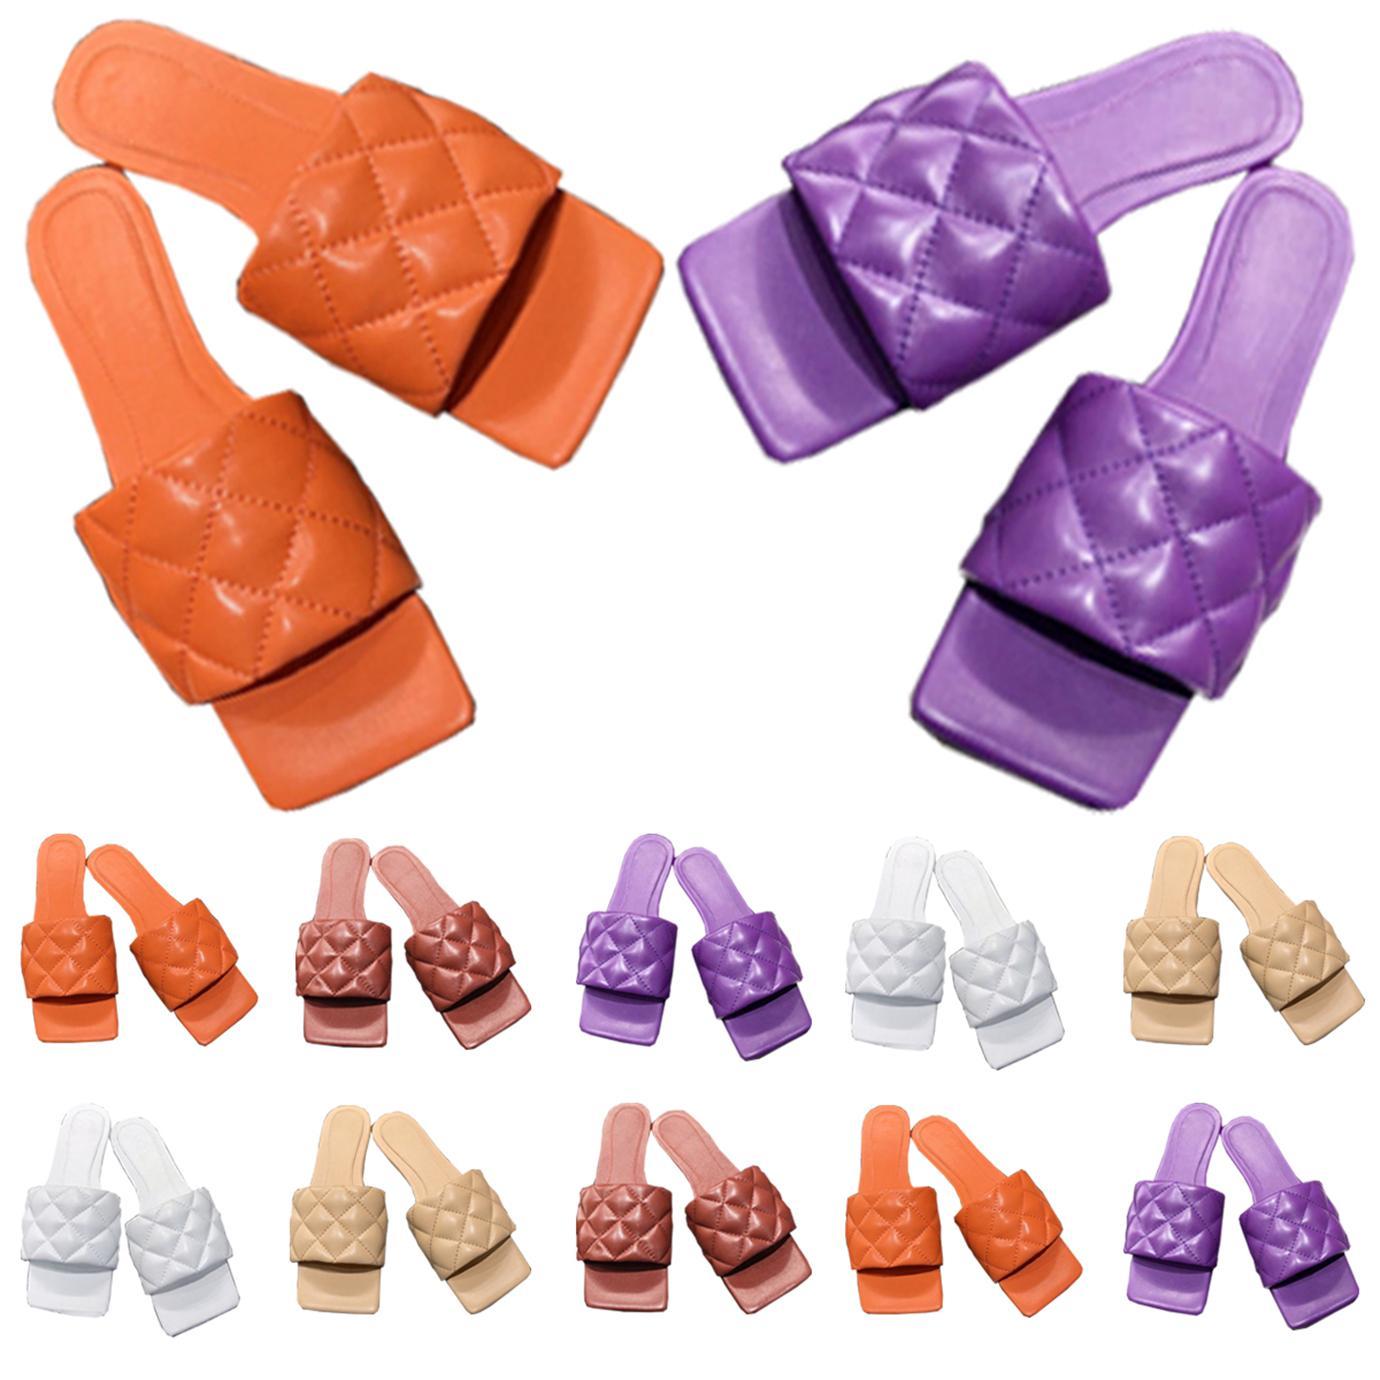 Slipper Men Shoes Luxurys Sandálias Mulheres Designers Flat Slides Flip Flops Paris Verão Praia Sexy Sexy Chinelos de Couro Bordado com Caixa 7521